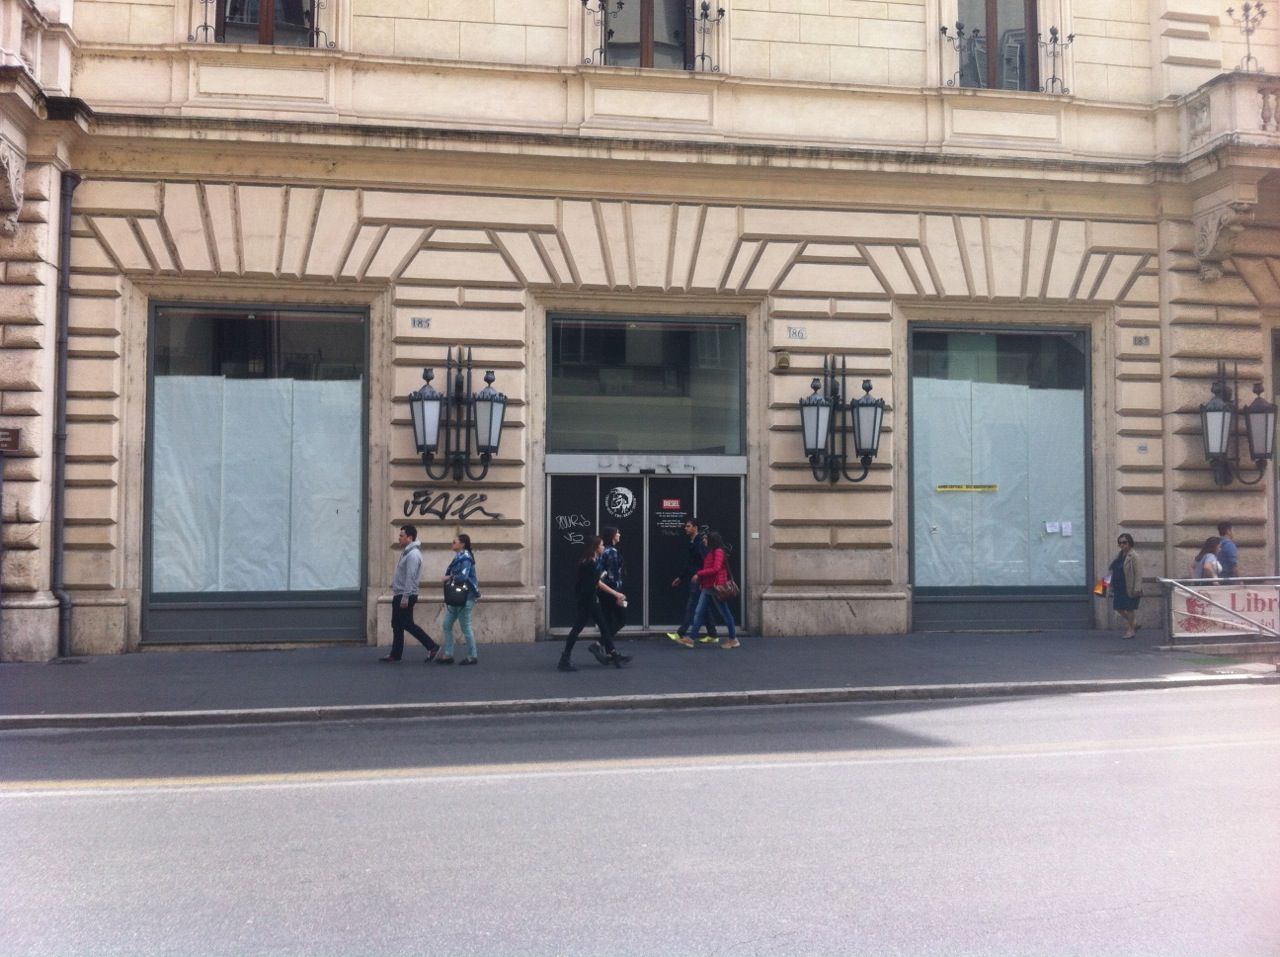 Apple store via del corso a roma partiti i lavori for Mac roma via del corso